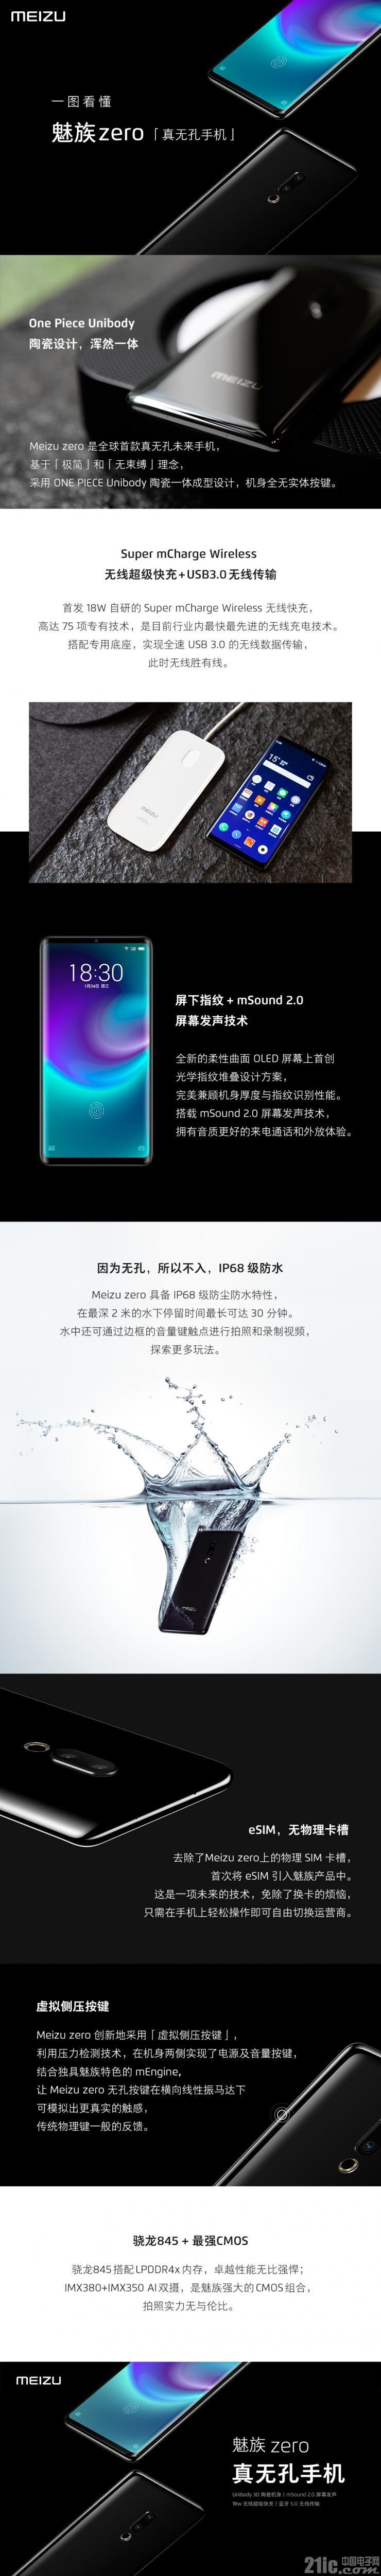 惊艳!全球首款真无孔手机魅族zero正式亮相